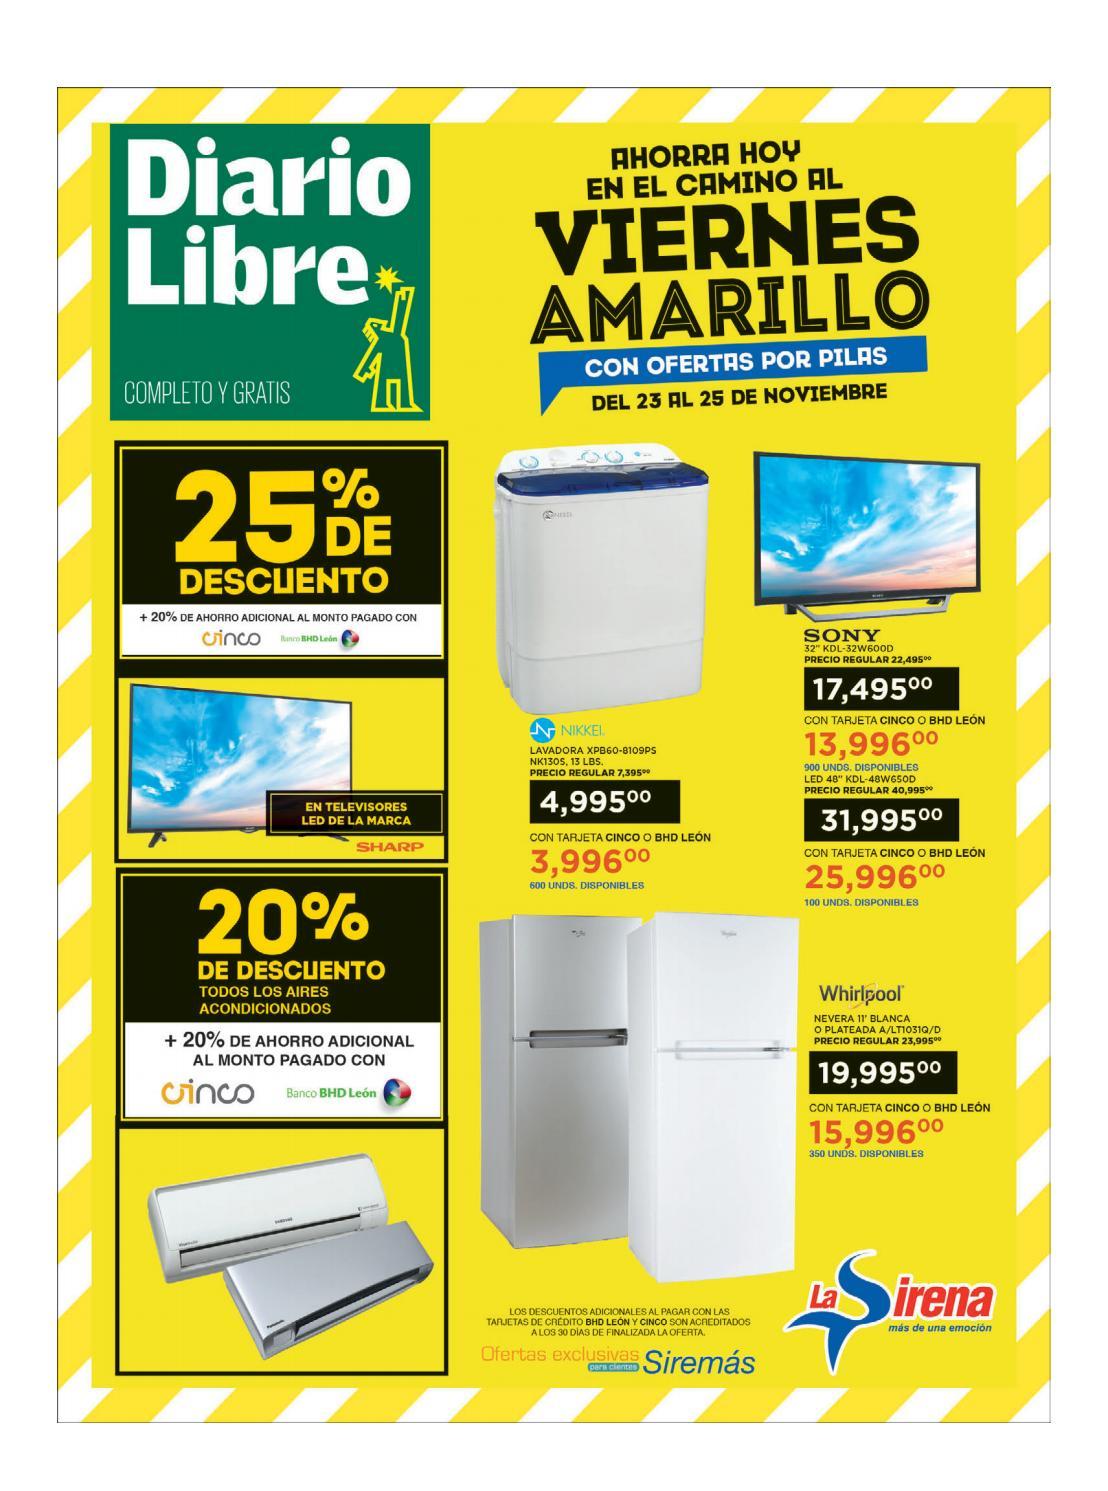 Diariolibre5034 by Grupo Diario Libre, S. A. - issuu